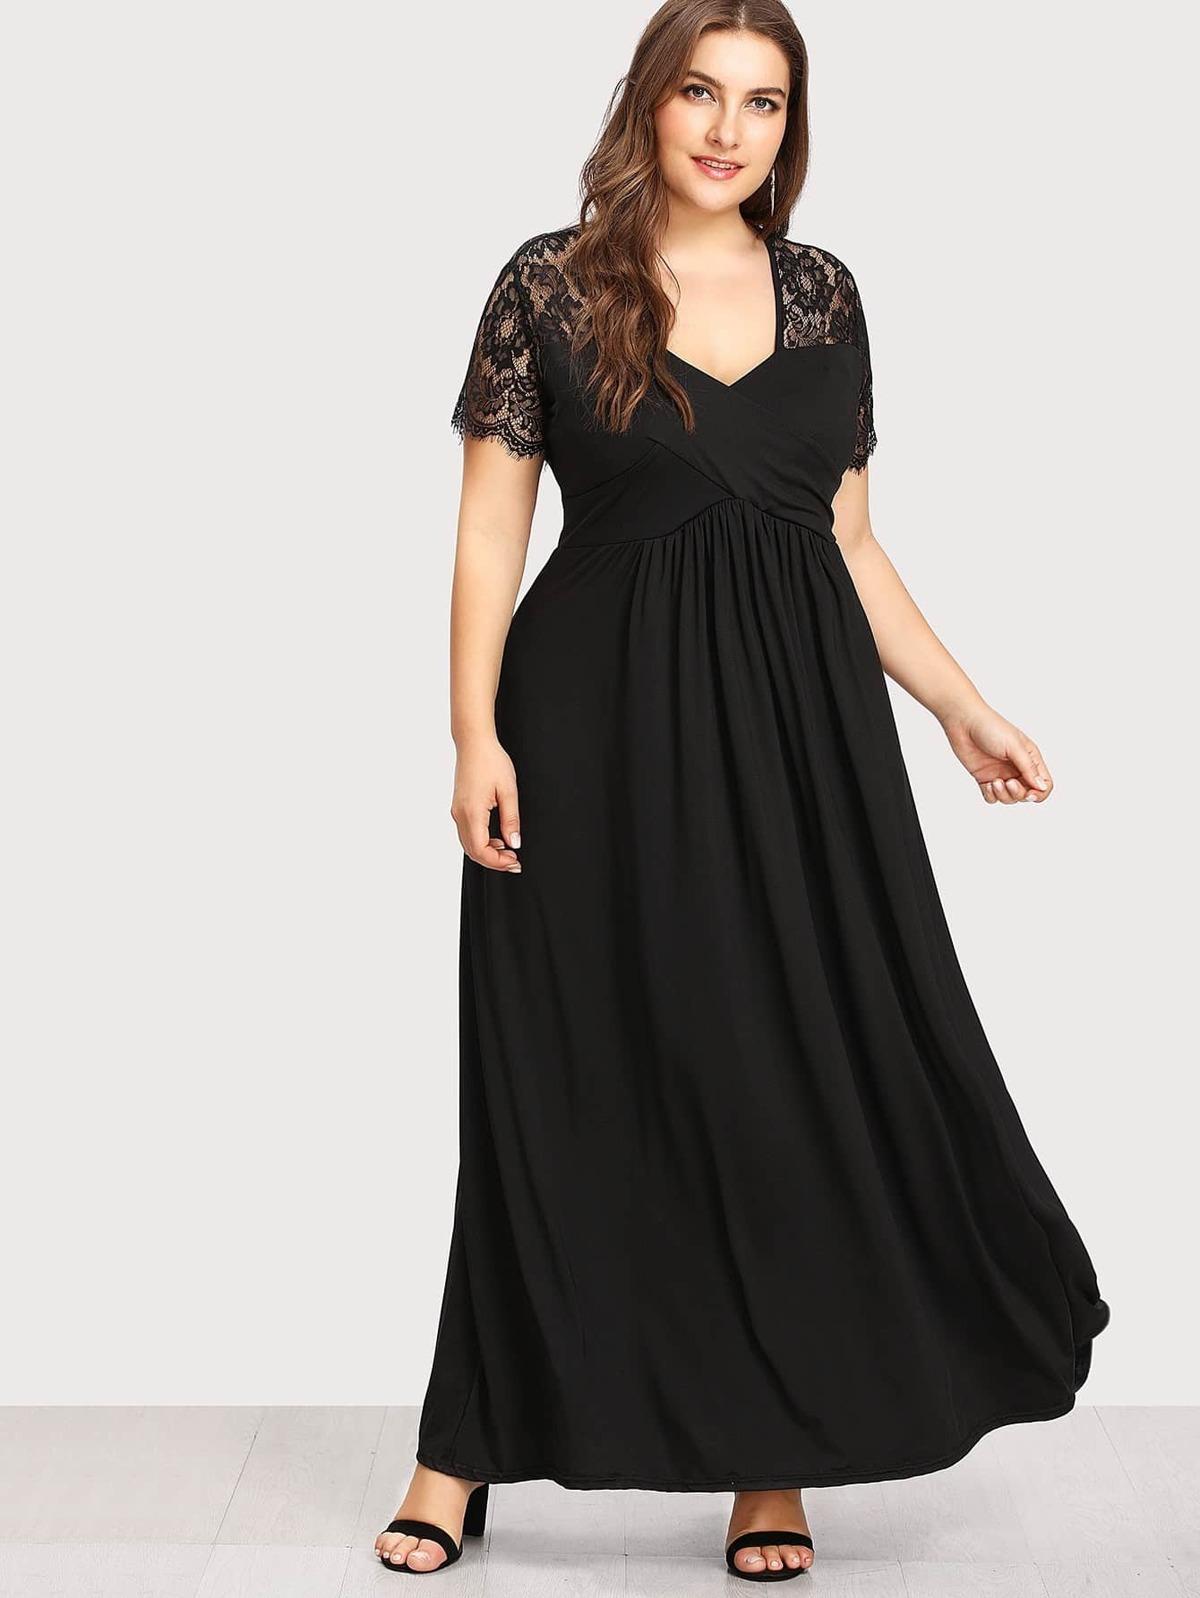 蕾絲 對比色 流線型 洋裝